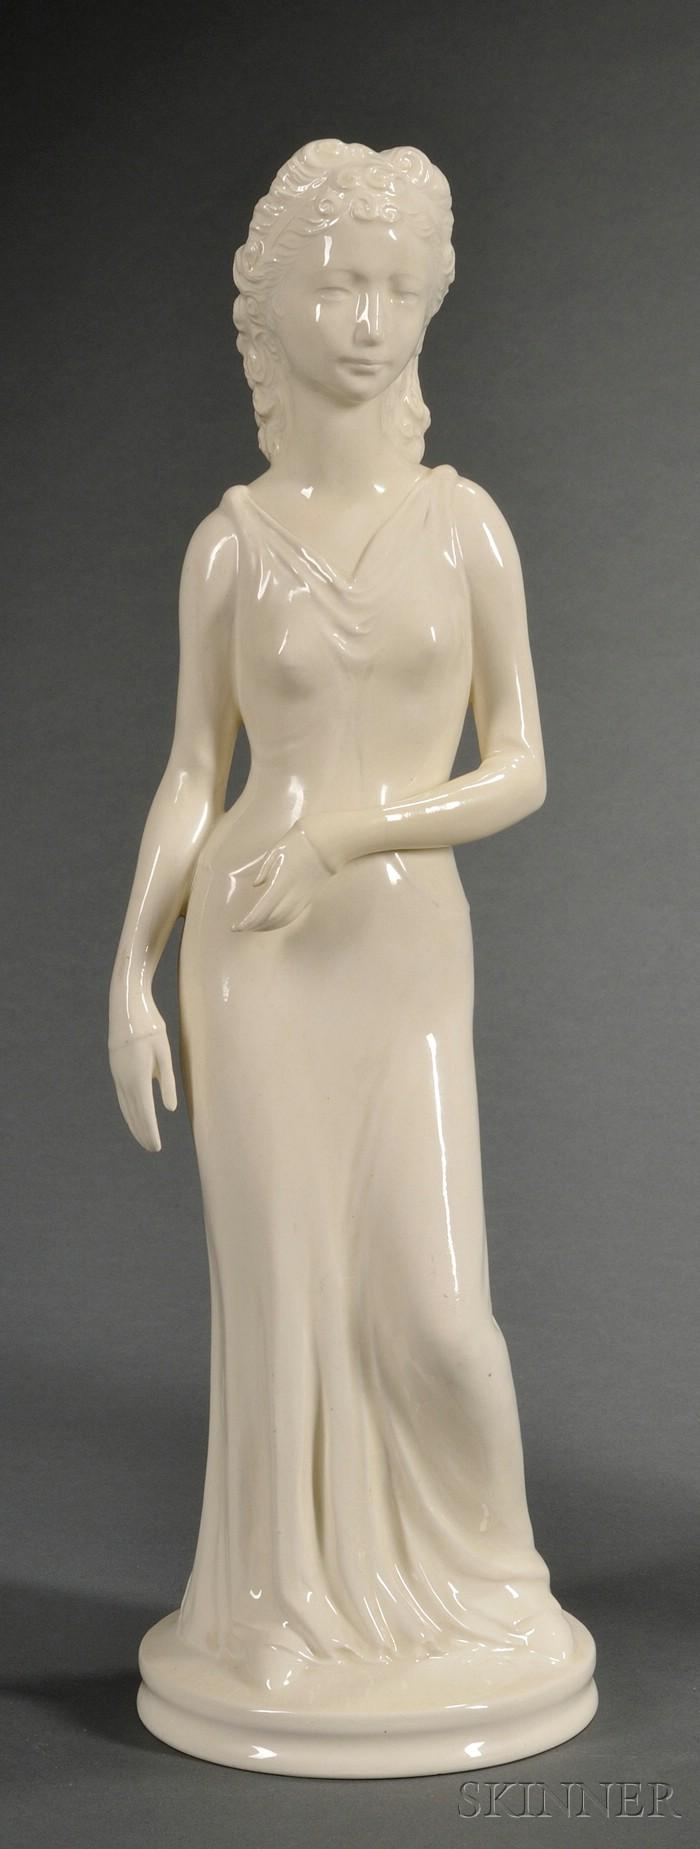 Wedgwood Queen's Ware Figure of Helen